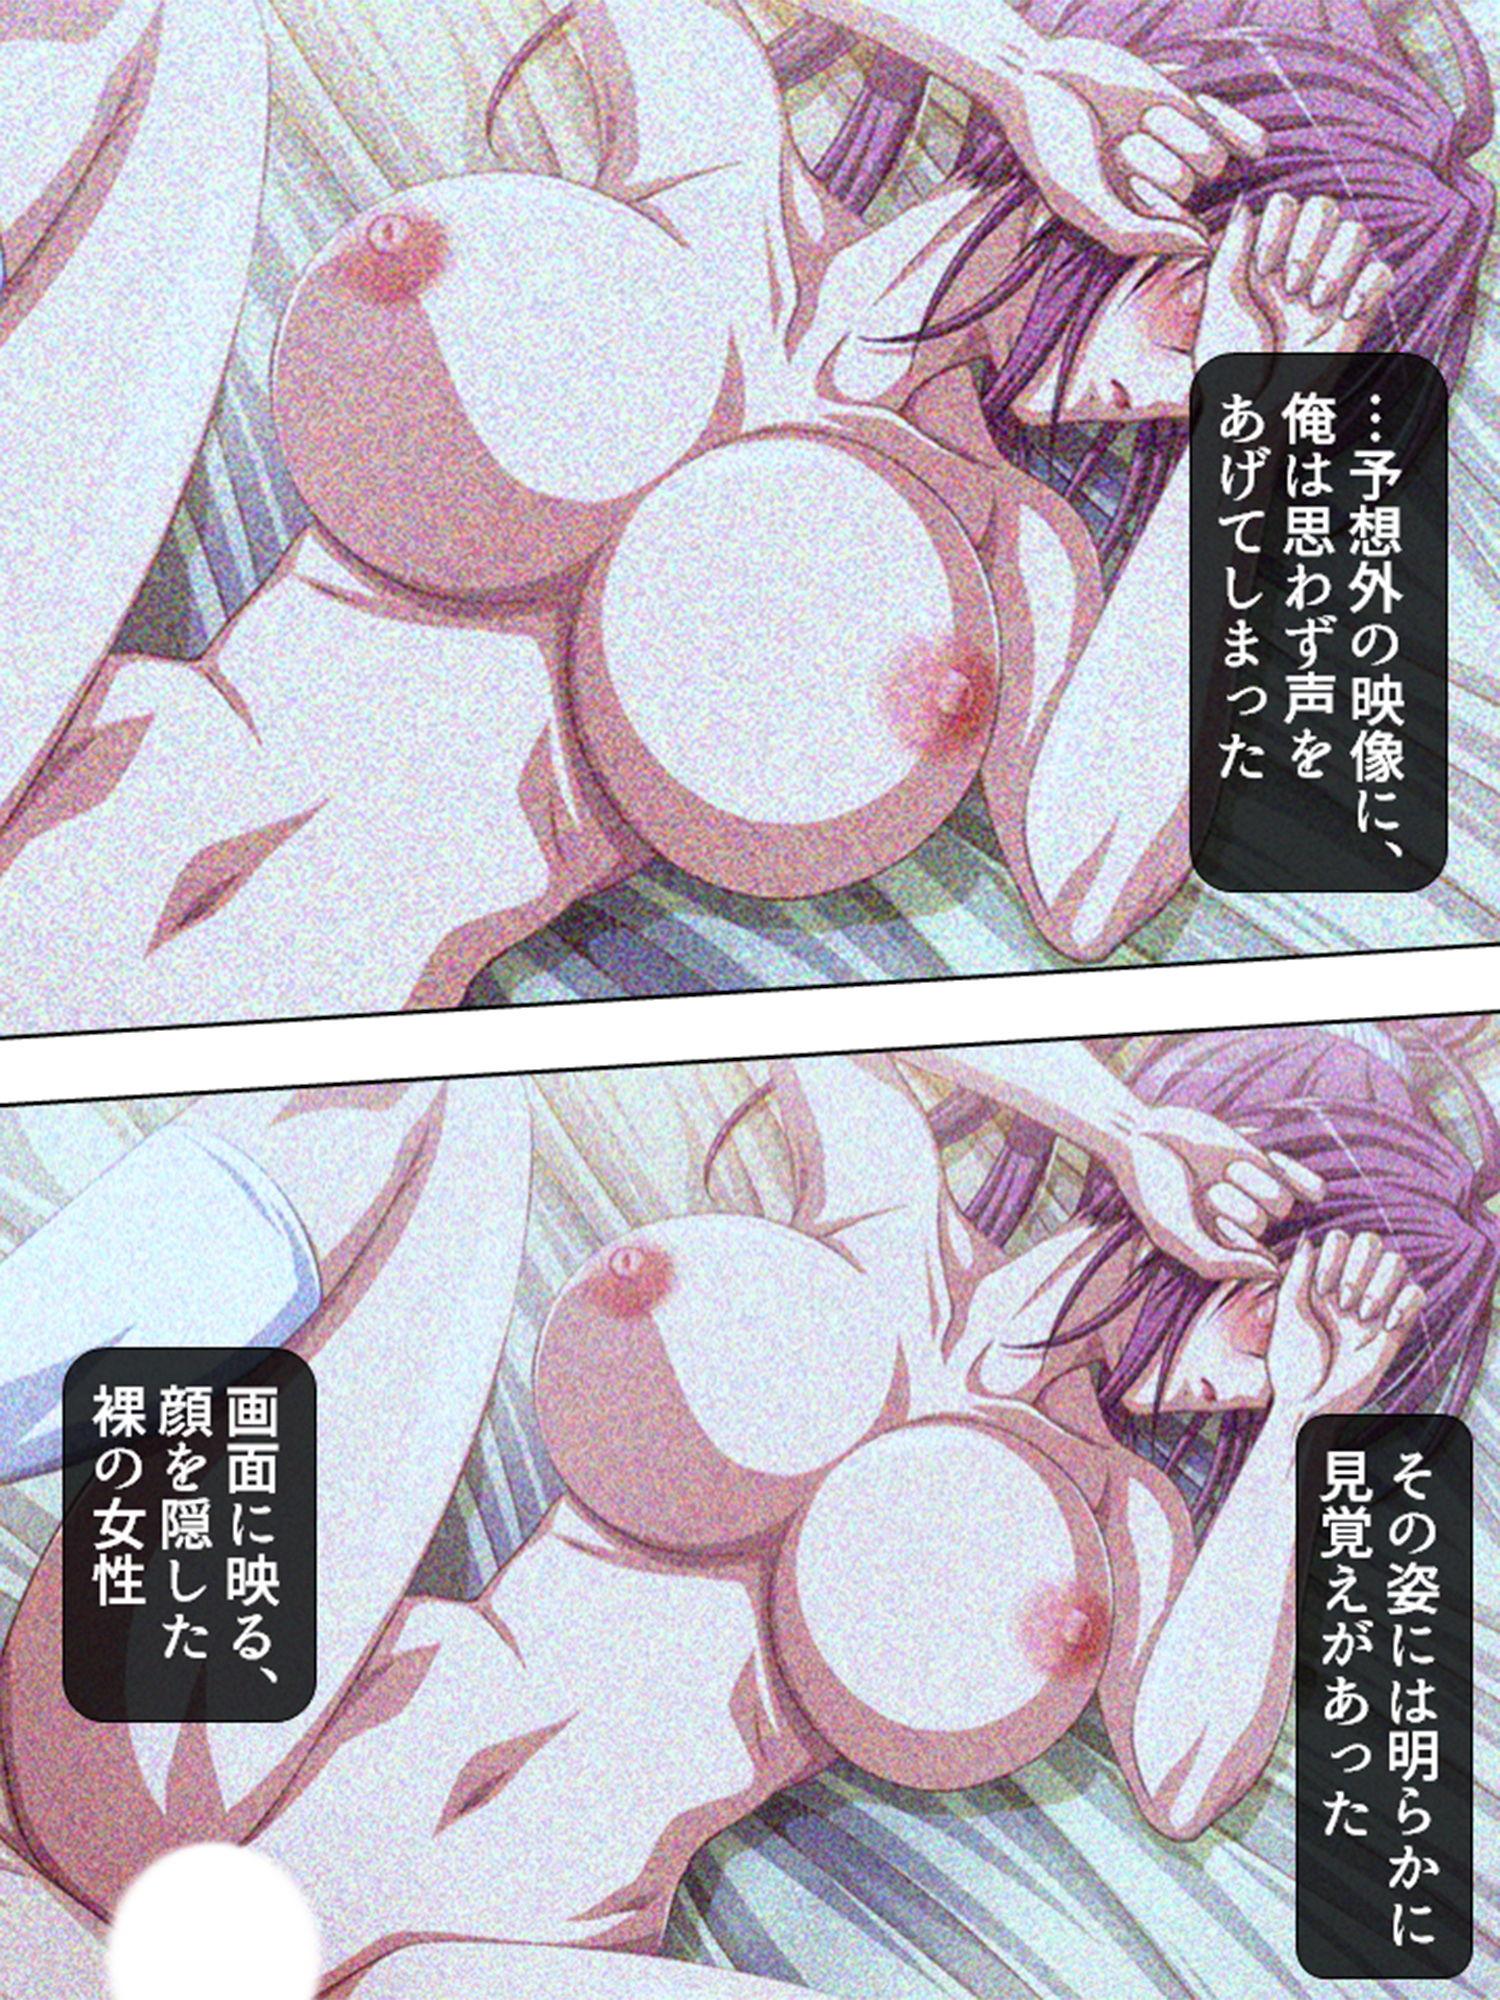 サンプル画像5:この学校の女生徒は、囚われただ穢される運命です 3巻(アロマコミック) [d_195598]